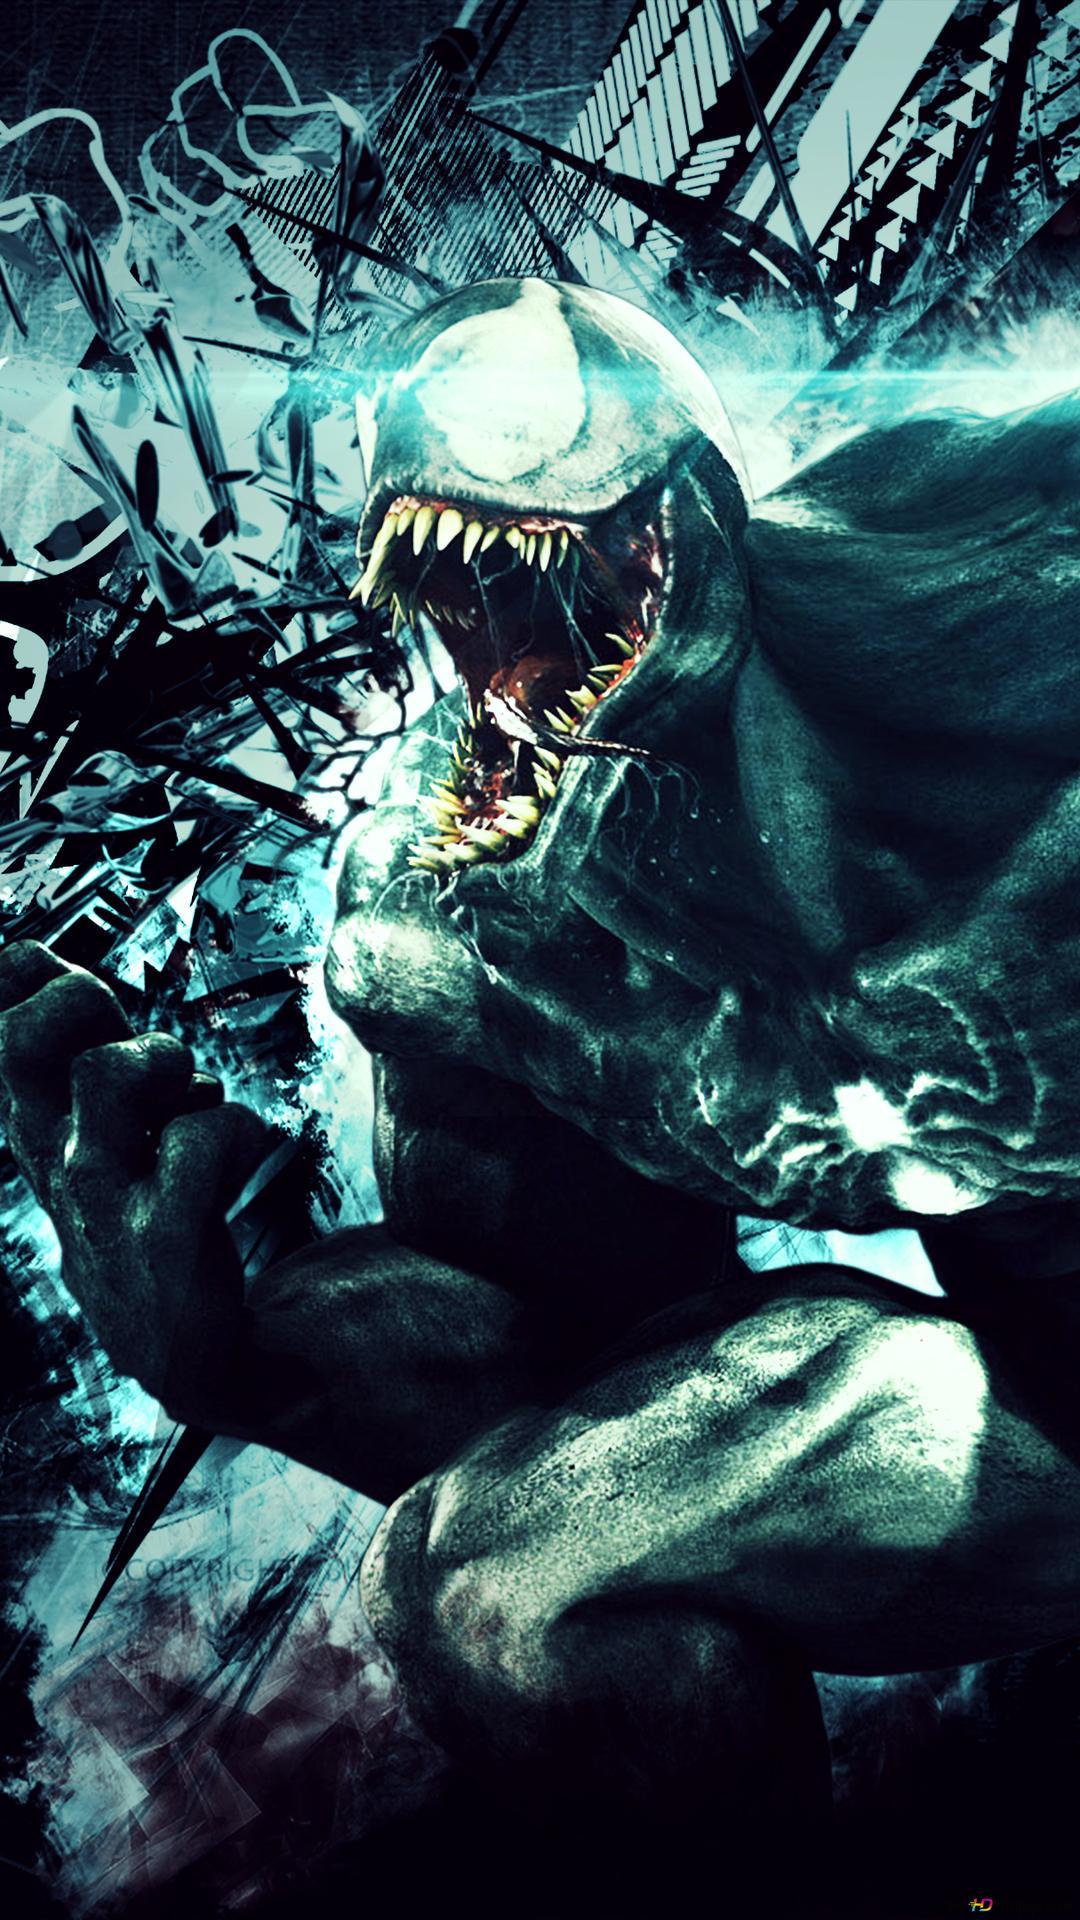 Comics Venom Symbiote Hd Fond D Ecran Telecharger